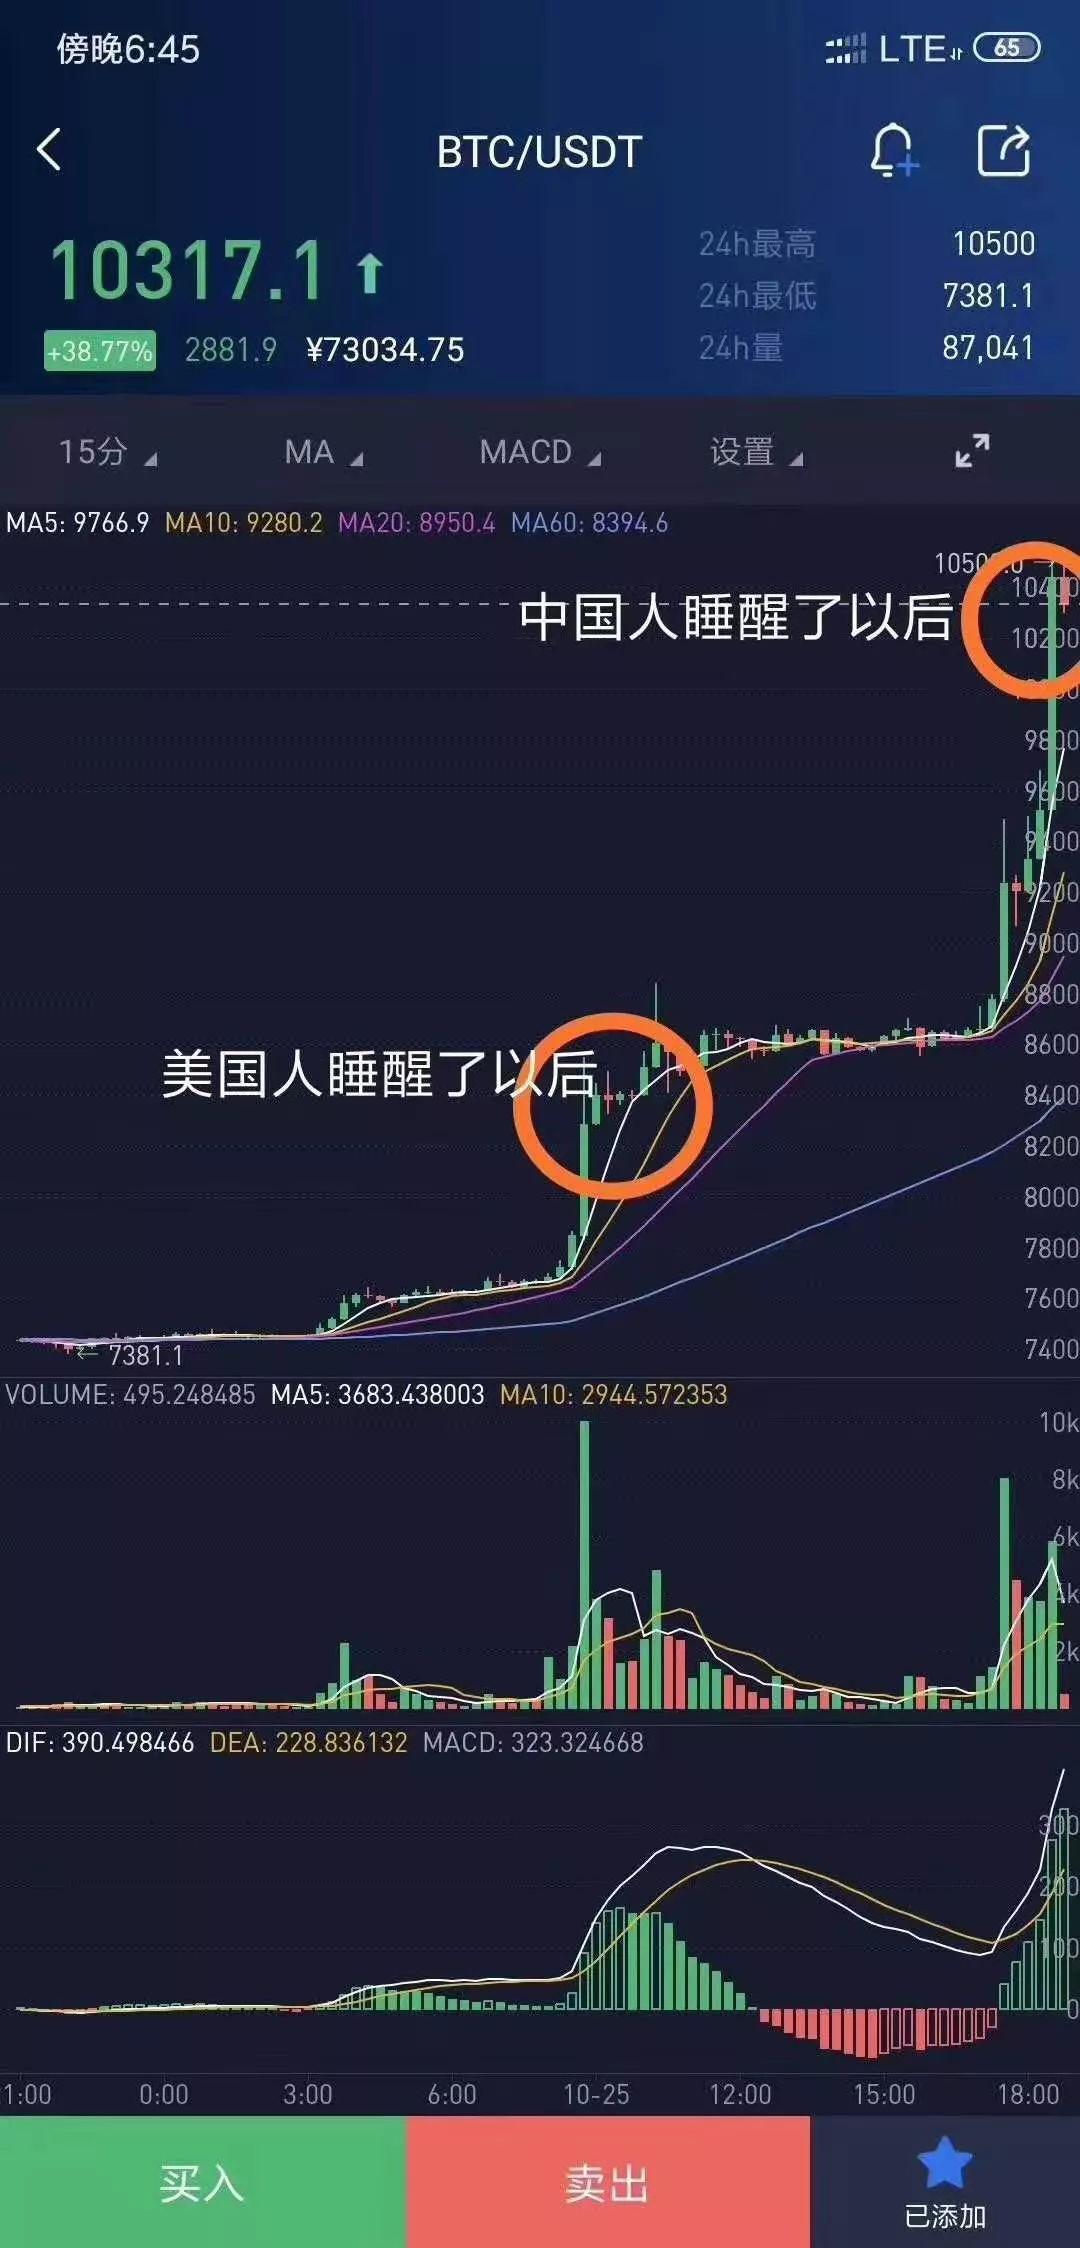 永利游艺平台,马云指挥交响乐,艺术为金钱折了腰?